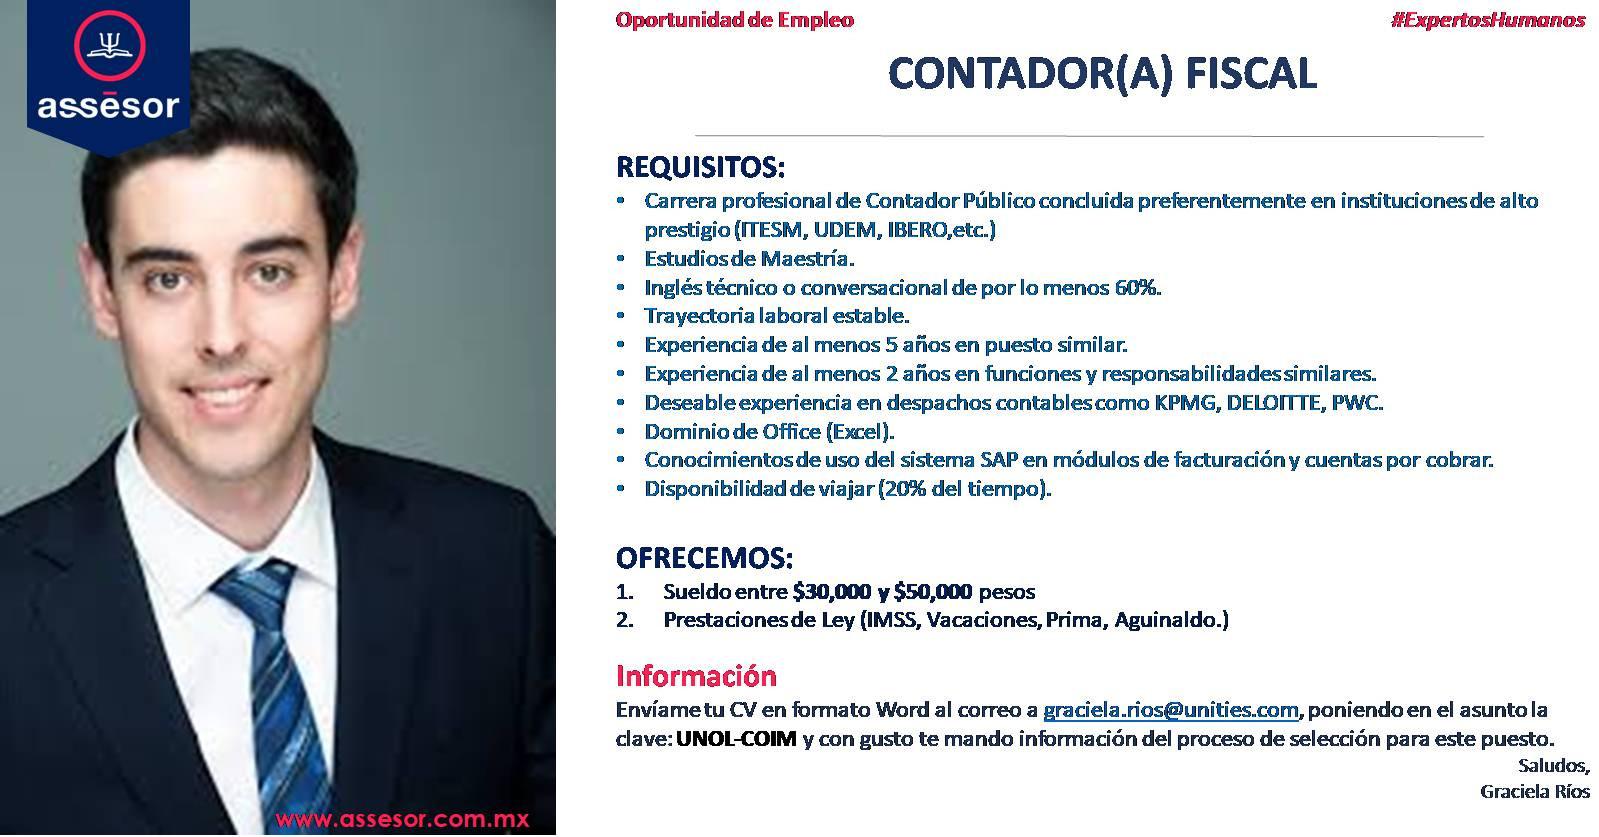 Contador Fiscal.jpg